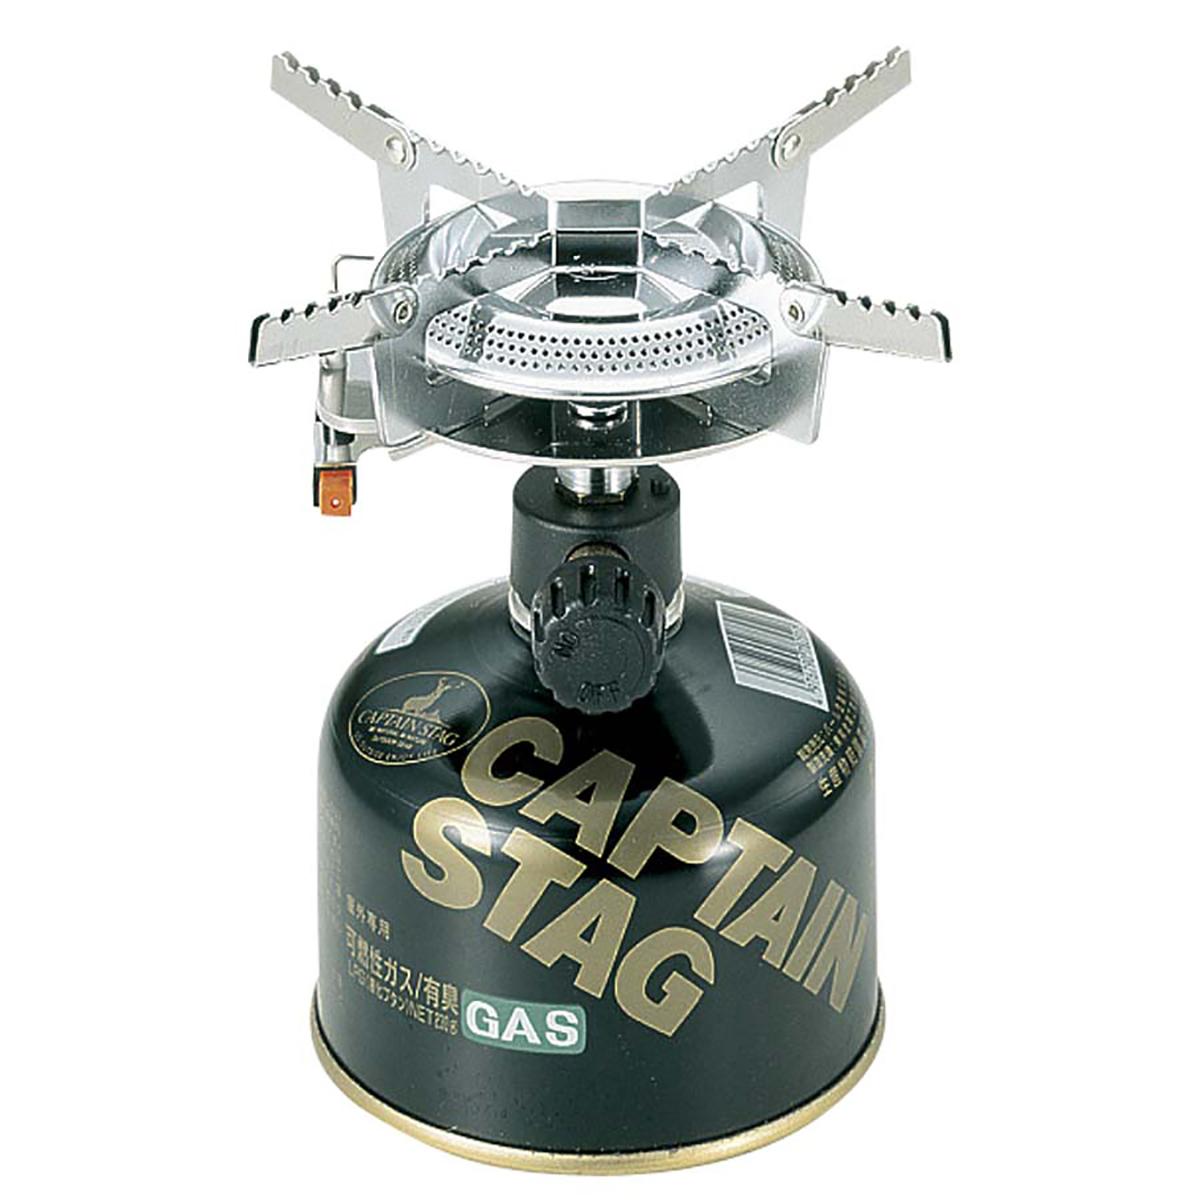 パール金属(CAPTAIN-STAG) ガス用品 M-7900 オーリック 小型ガスバーナーコンロ〈圧電点火装置付〉(ケース付)(camp-g)